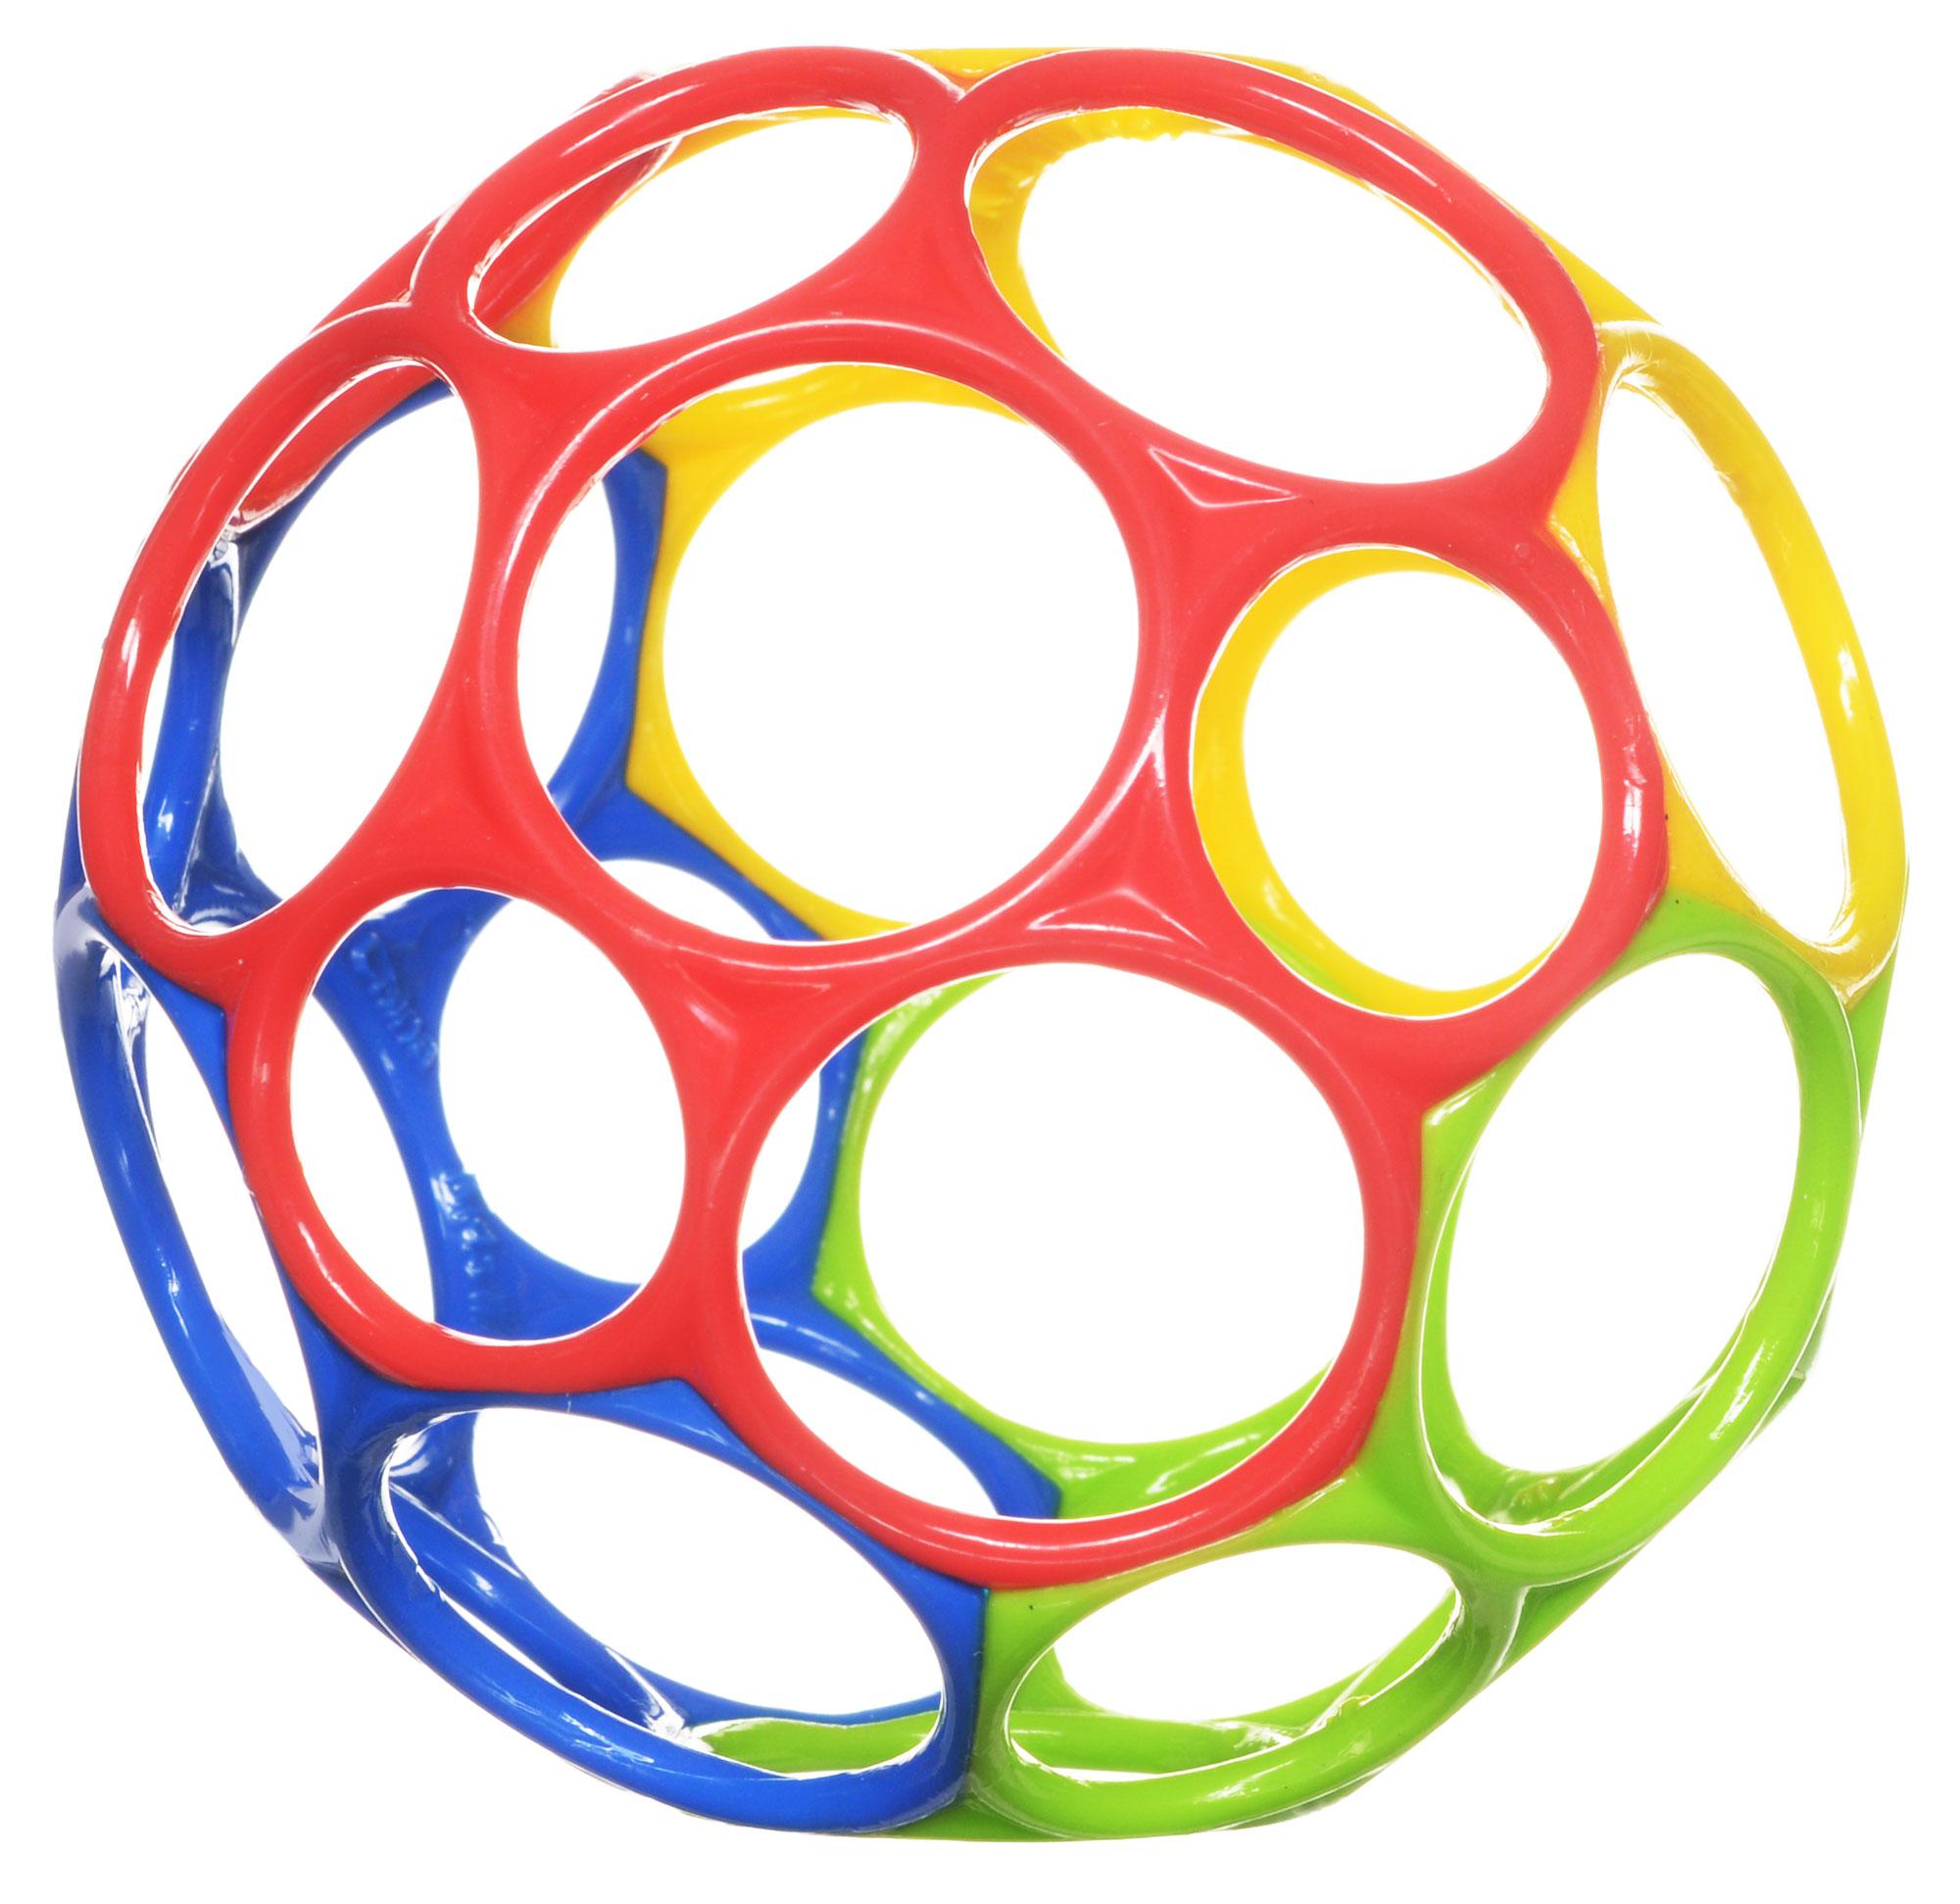 Развивающая игрушка Oball 81024_красный, синий, зеленый, желтый